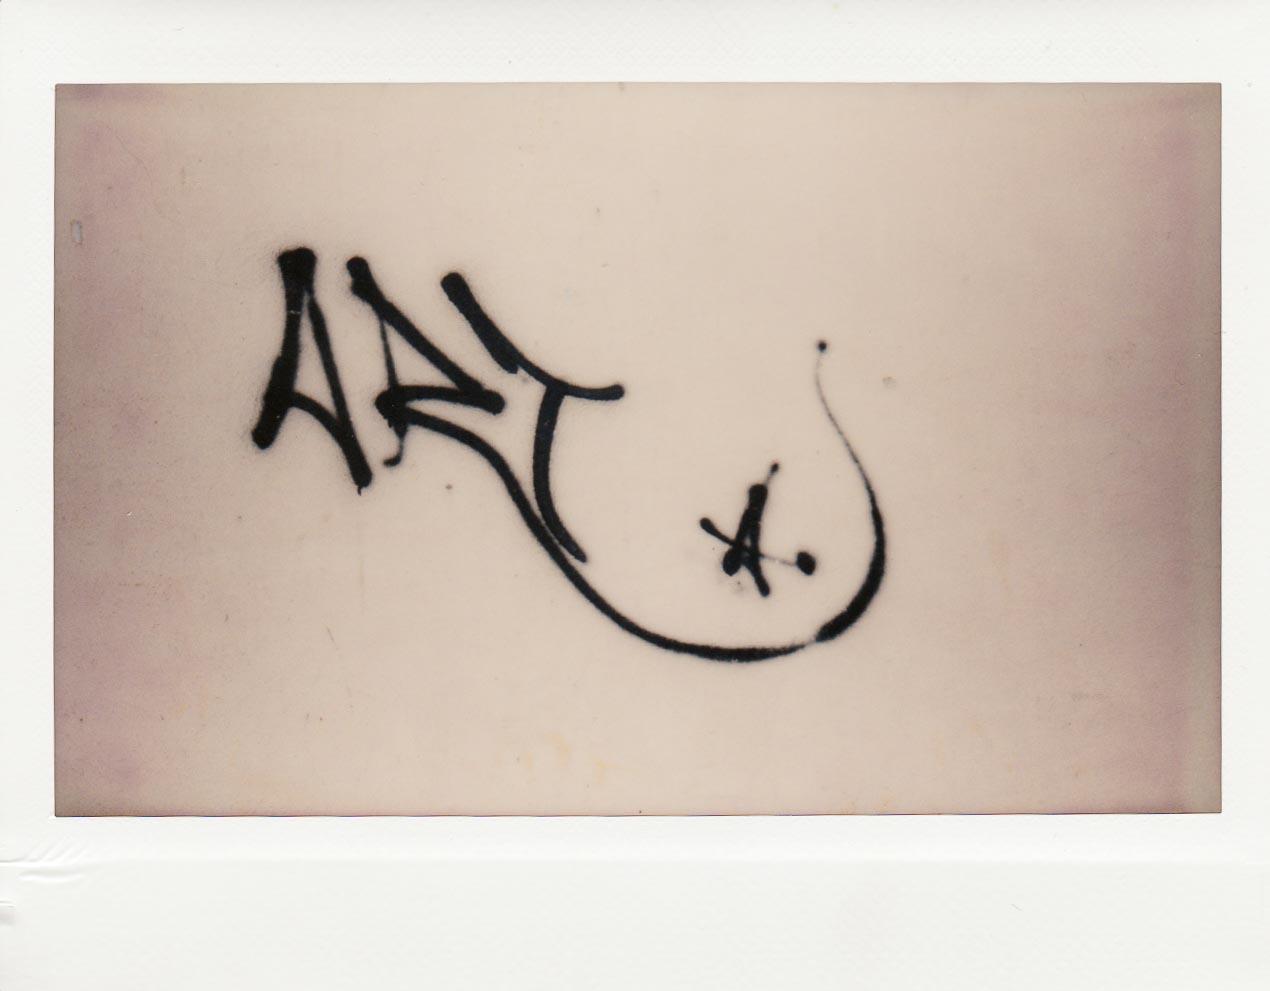 Detail of a tag on a wall ... Rovinj, Croatia